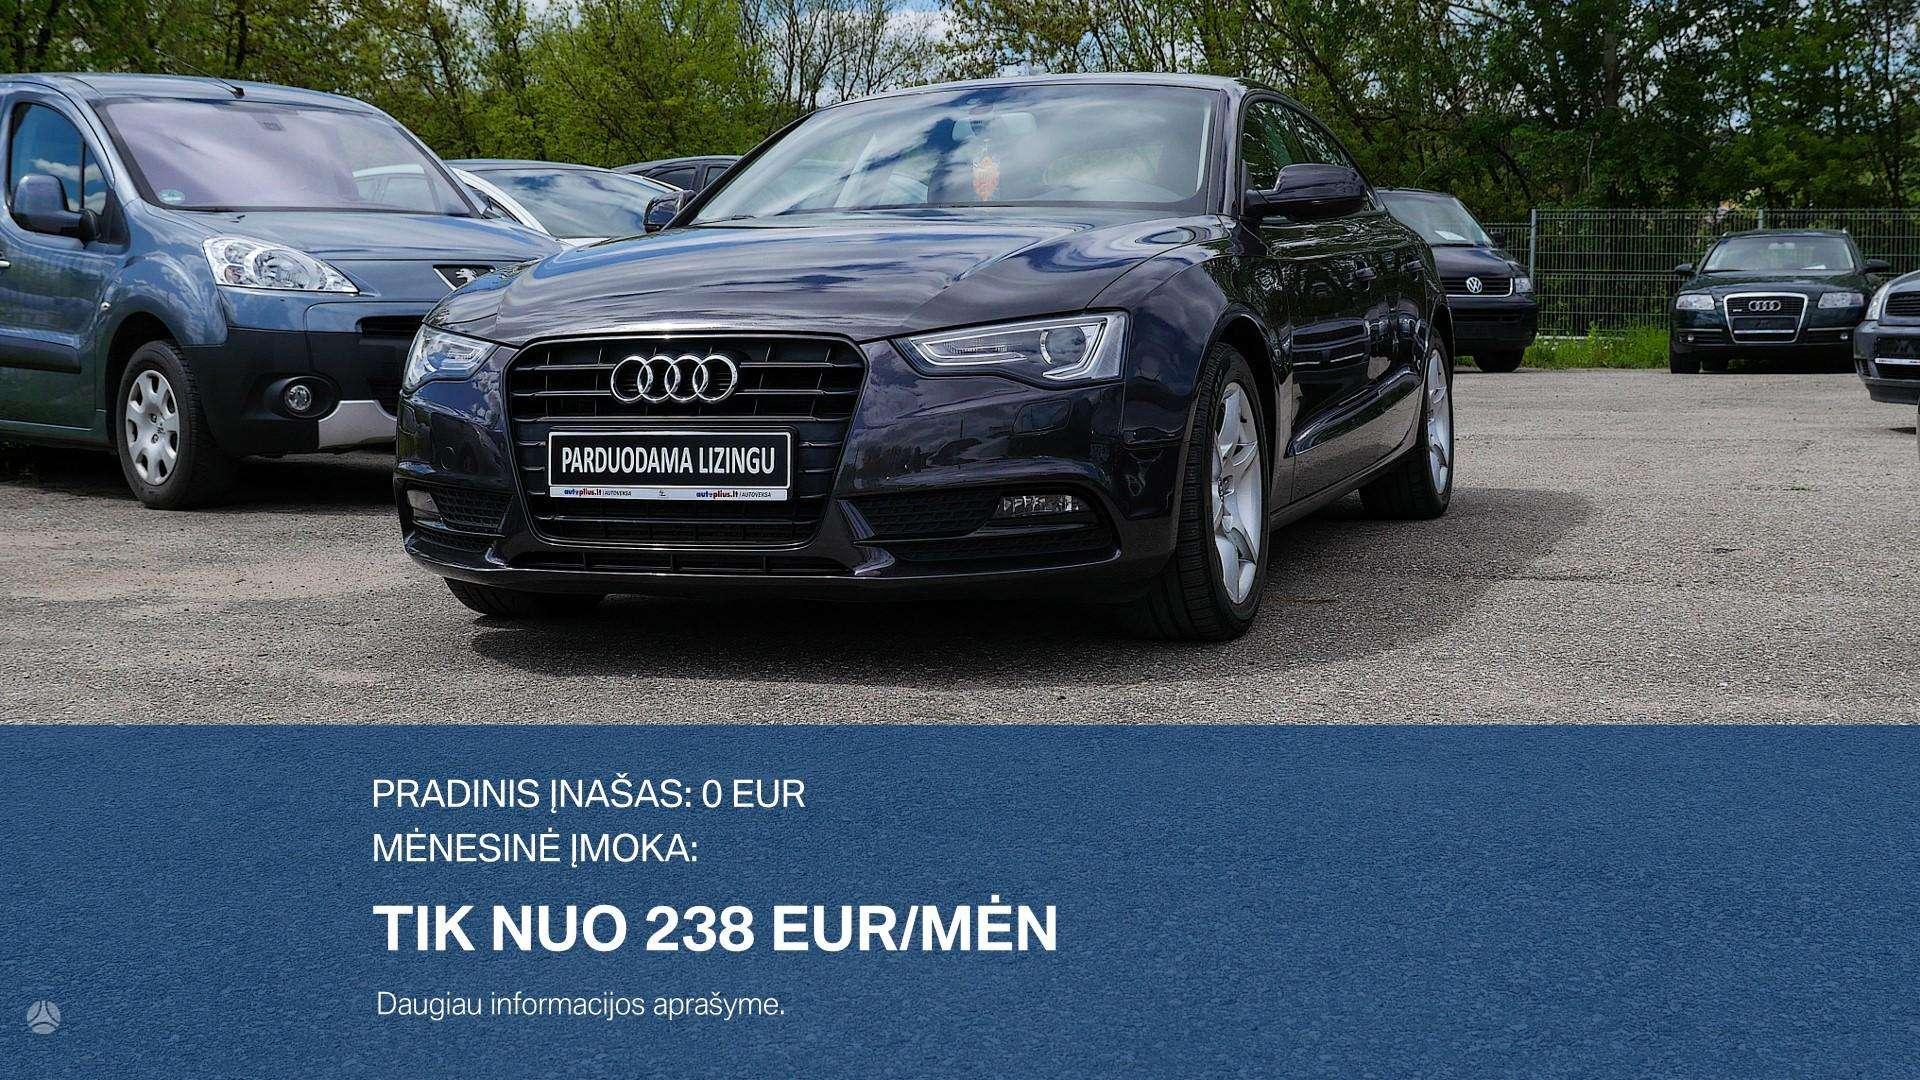 Audi A5 išsimokėtinai nuo 238Eur/Mėn su 3 mėnesių garantija